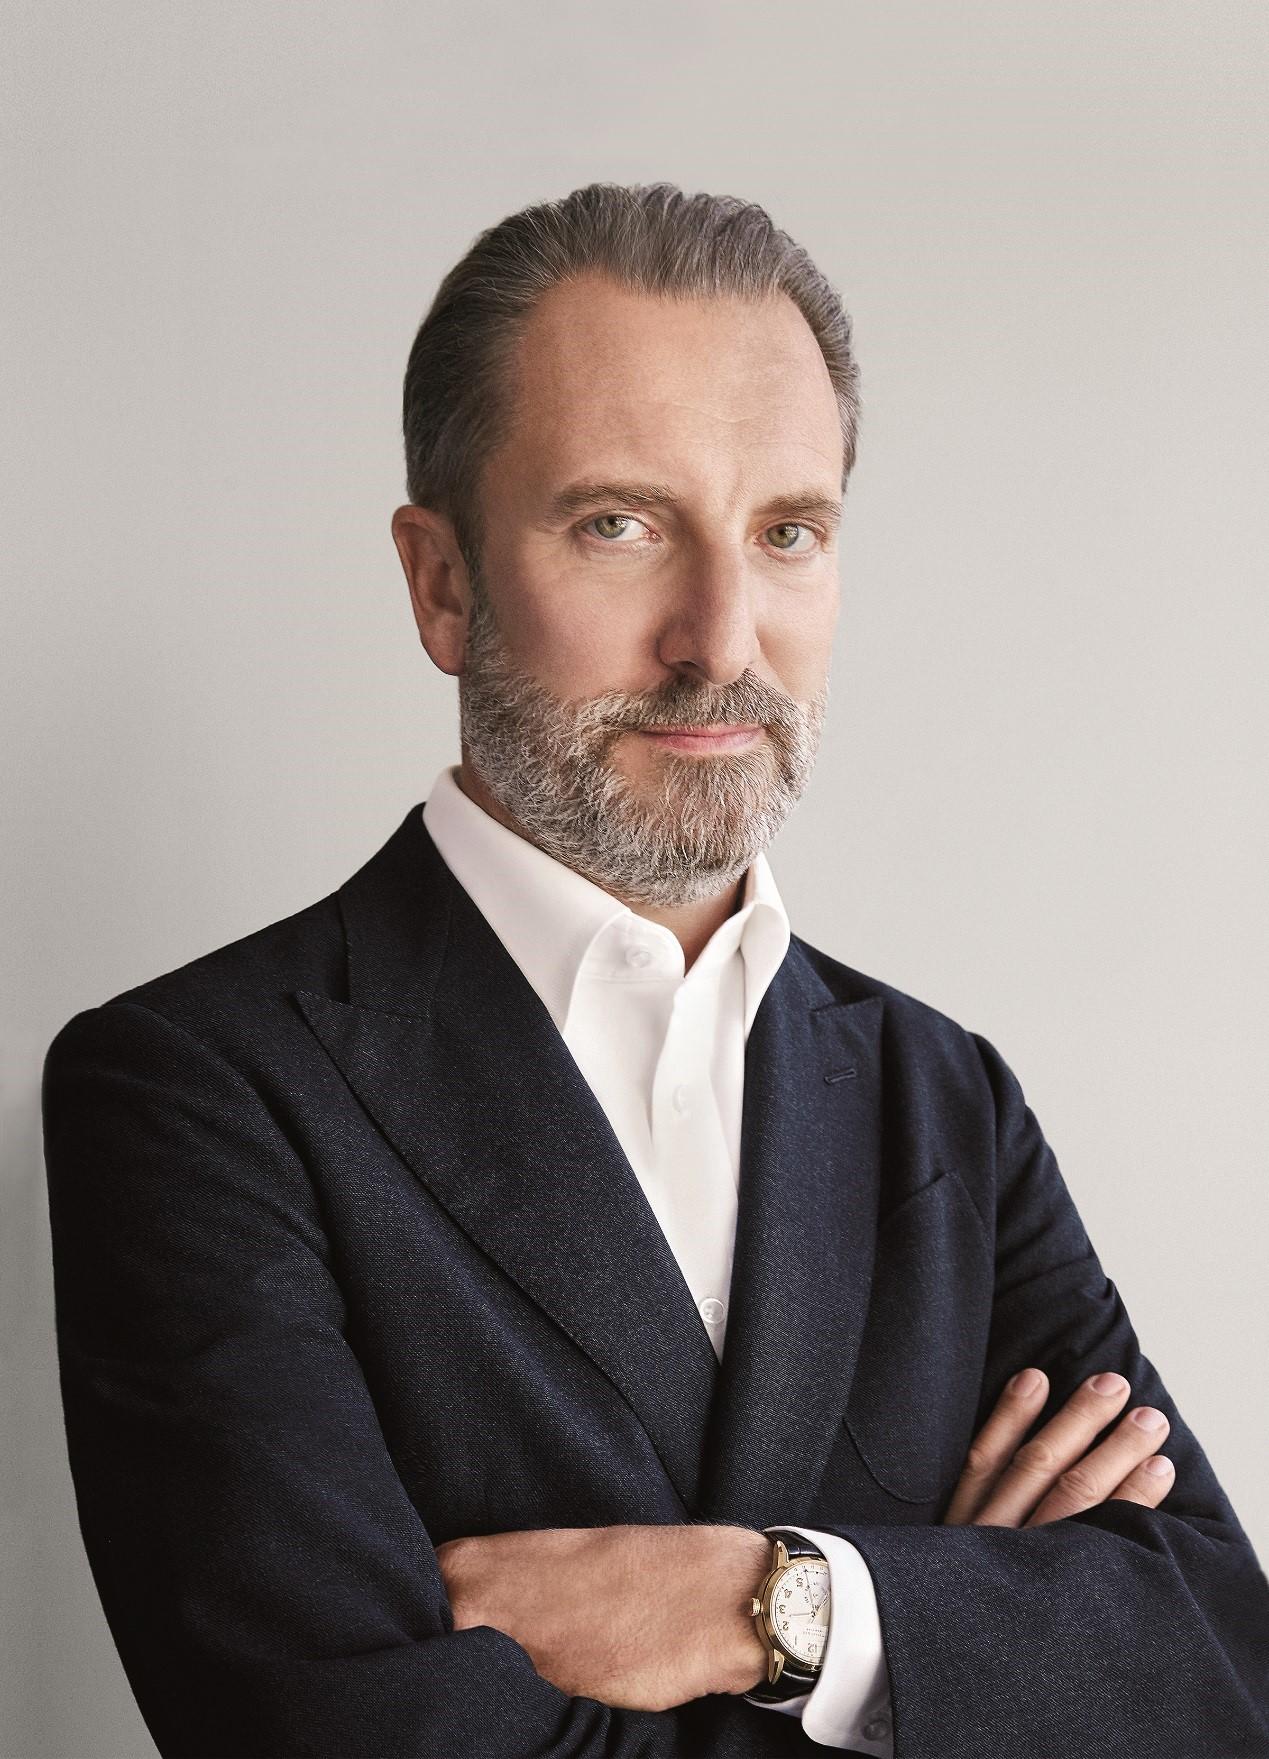 Alessandro Bogliolo 蒂芙尼首席执行官。蒂芙尼是创立于1837年的美国珠宝品牌,以钻石和银制品为代表。